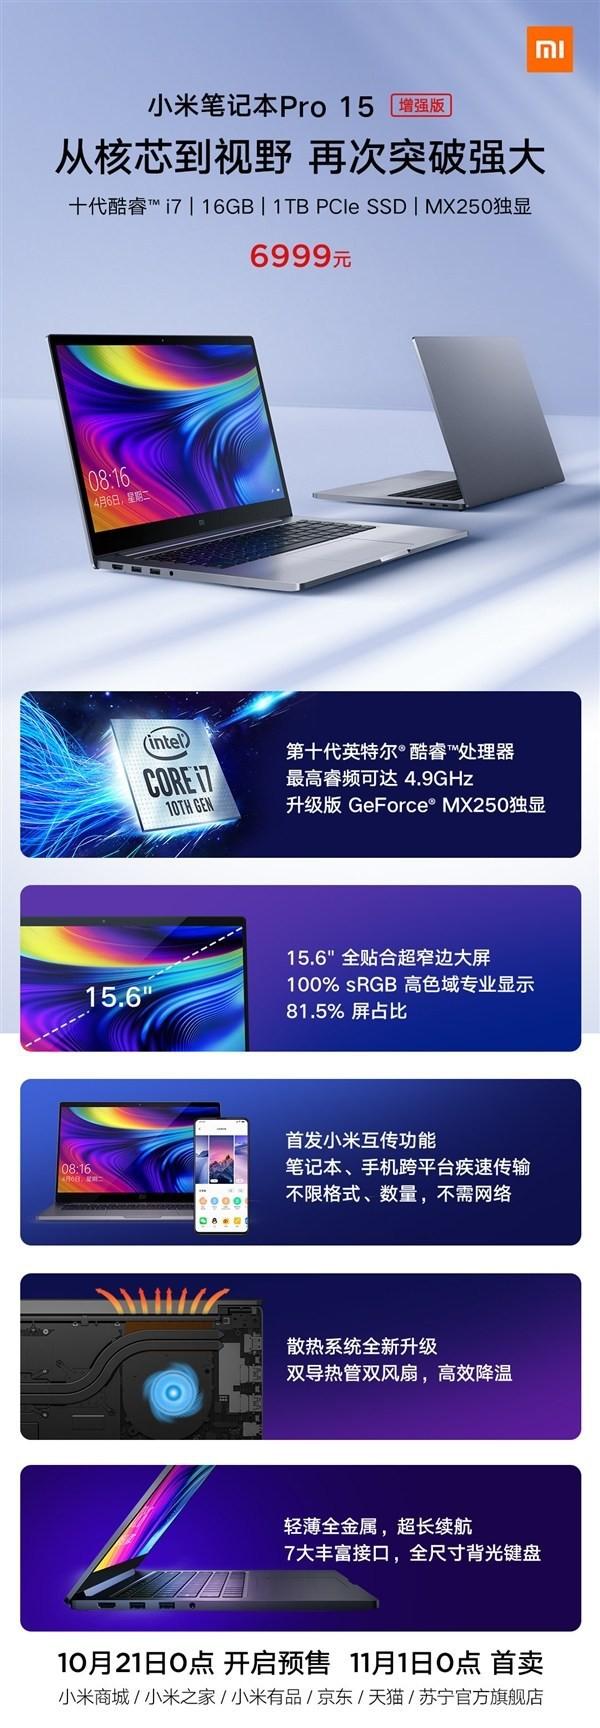 Xiaomi ra mắt Mi Notebook Pro 15.6 Enhanced Edition  nâng cấp chipset, RAM và màn hình ảnh 2